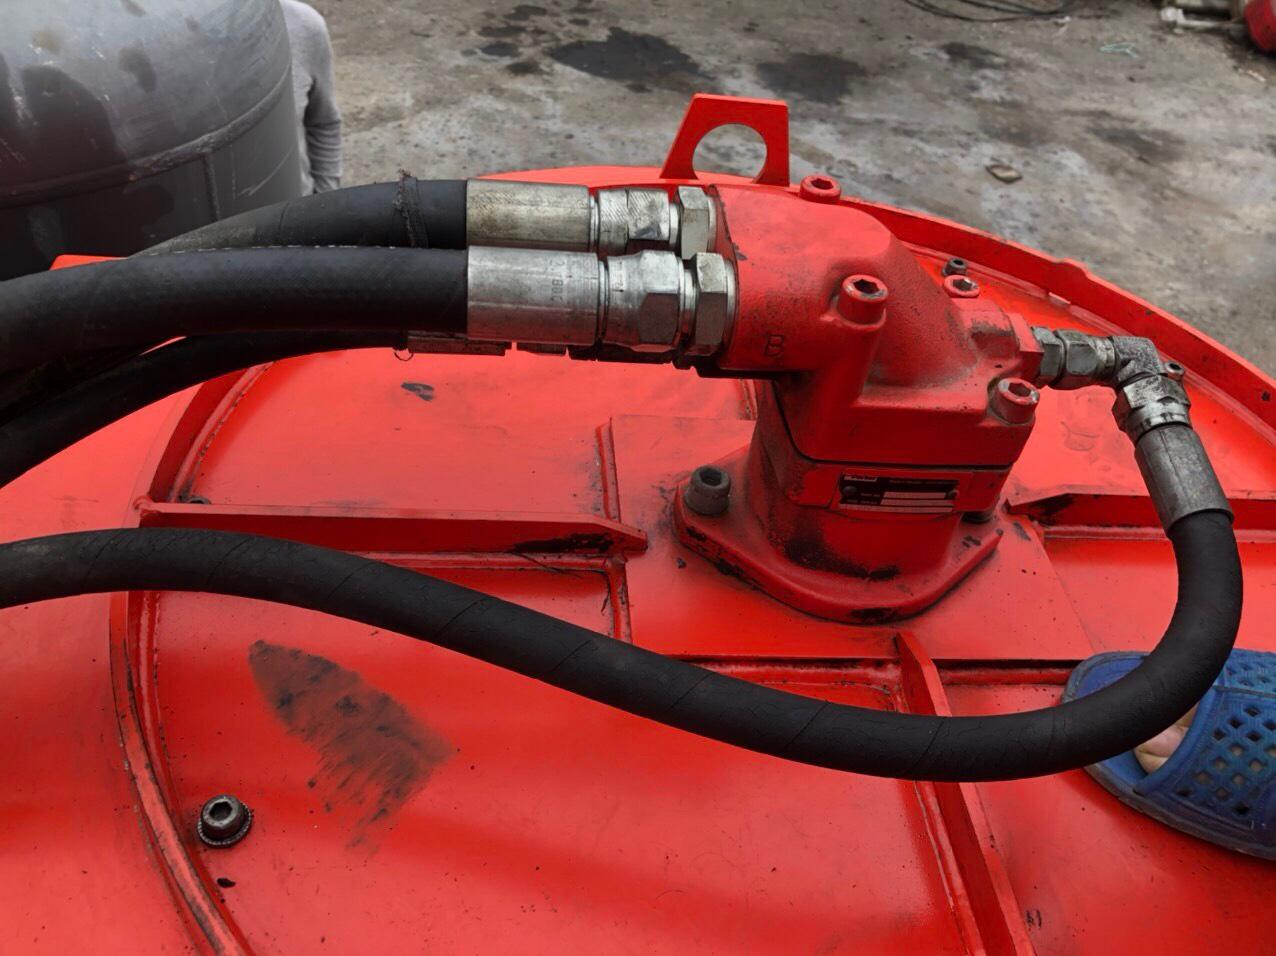 Bơm Piston Parker F11 010 Mb Cn K 000 2